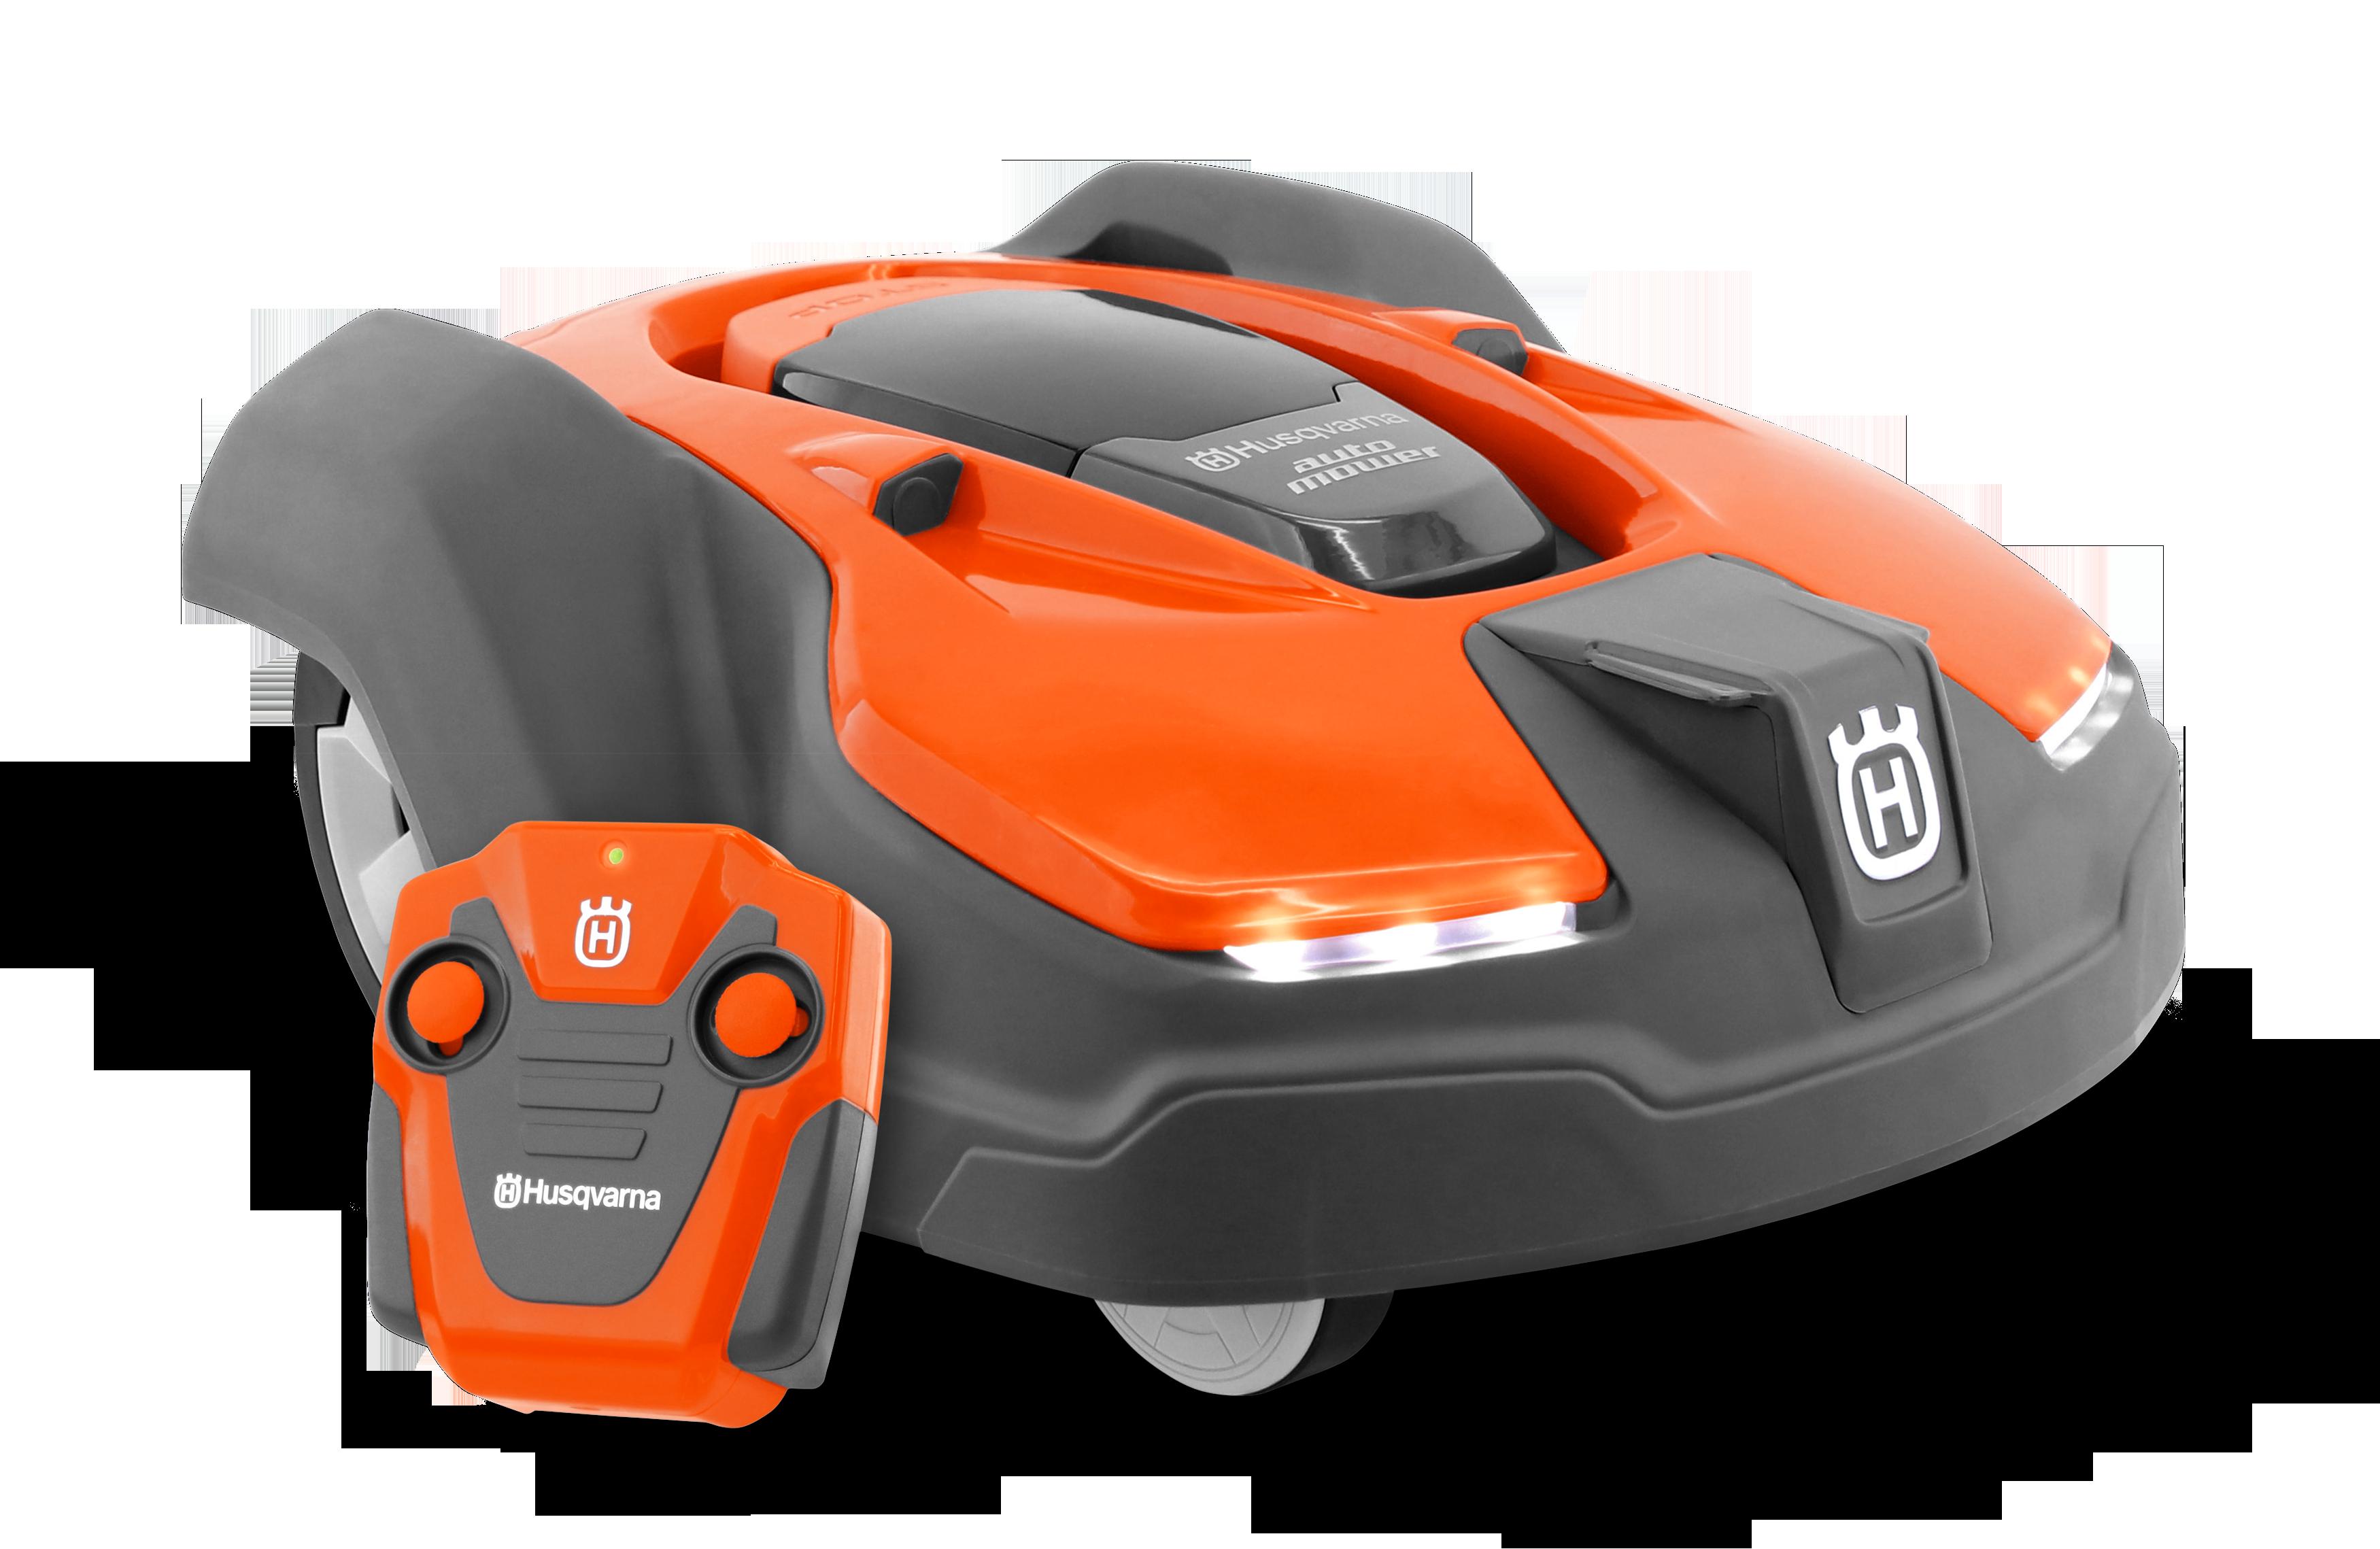 Husqvarna Automower robotizēts zāles pļāvējs